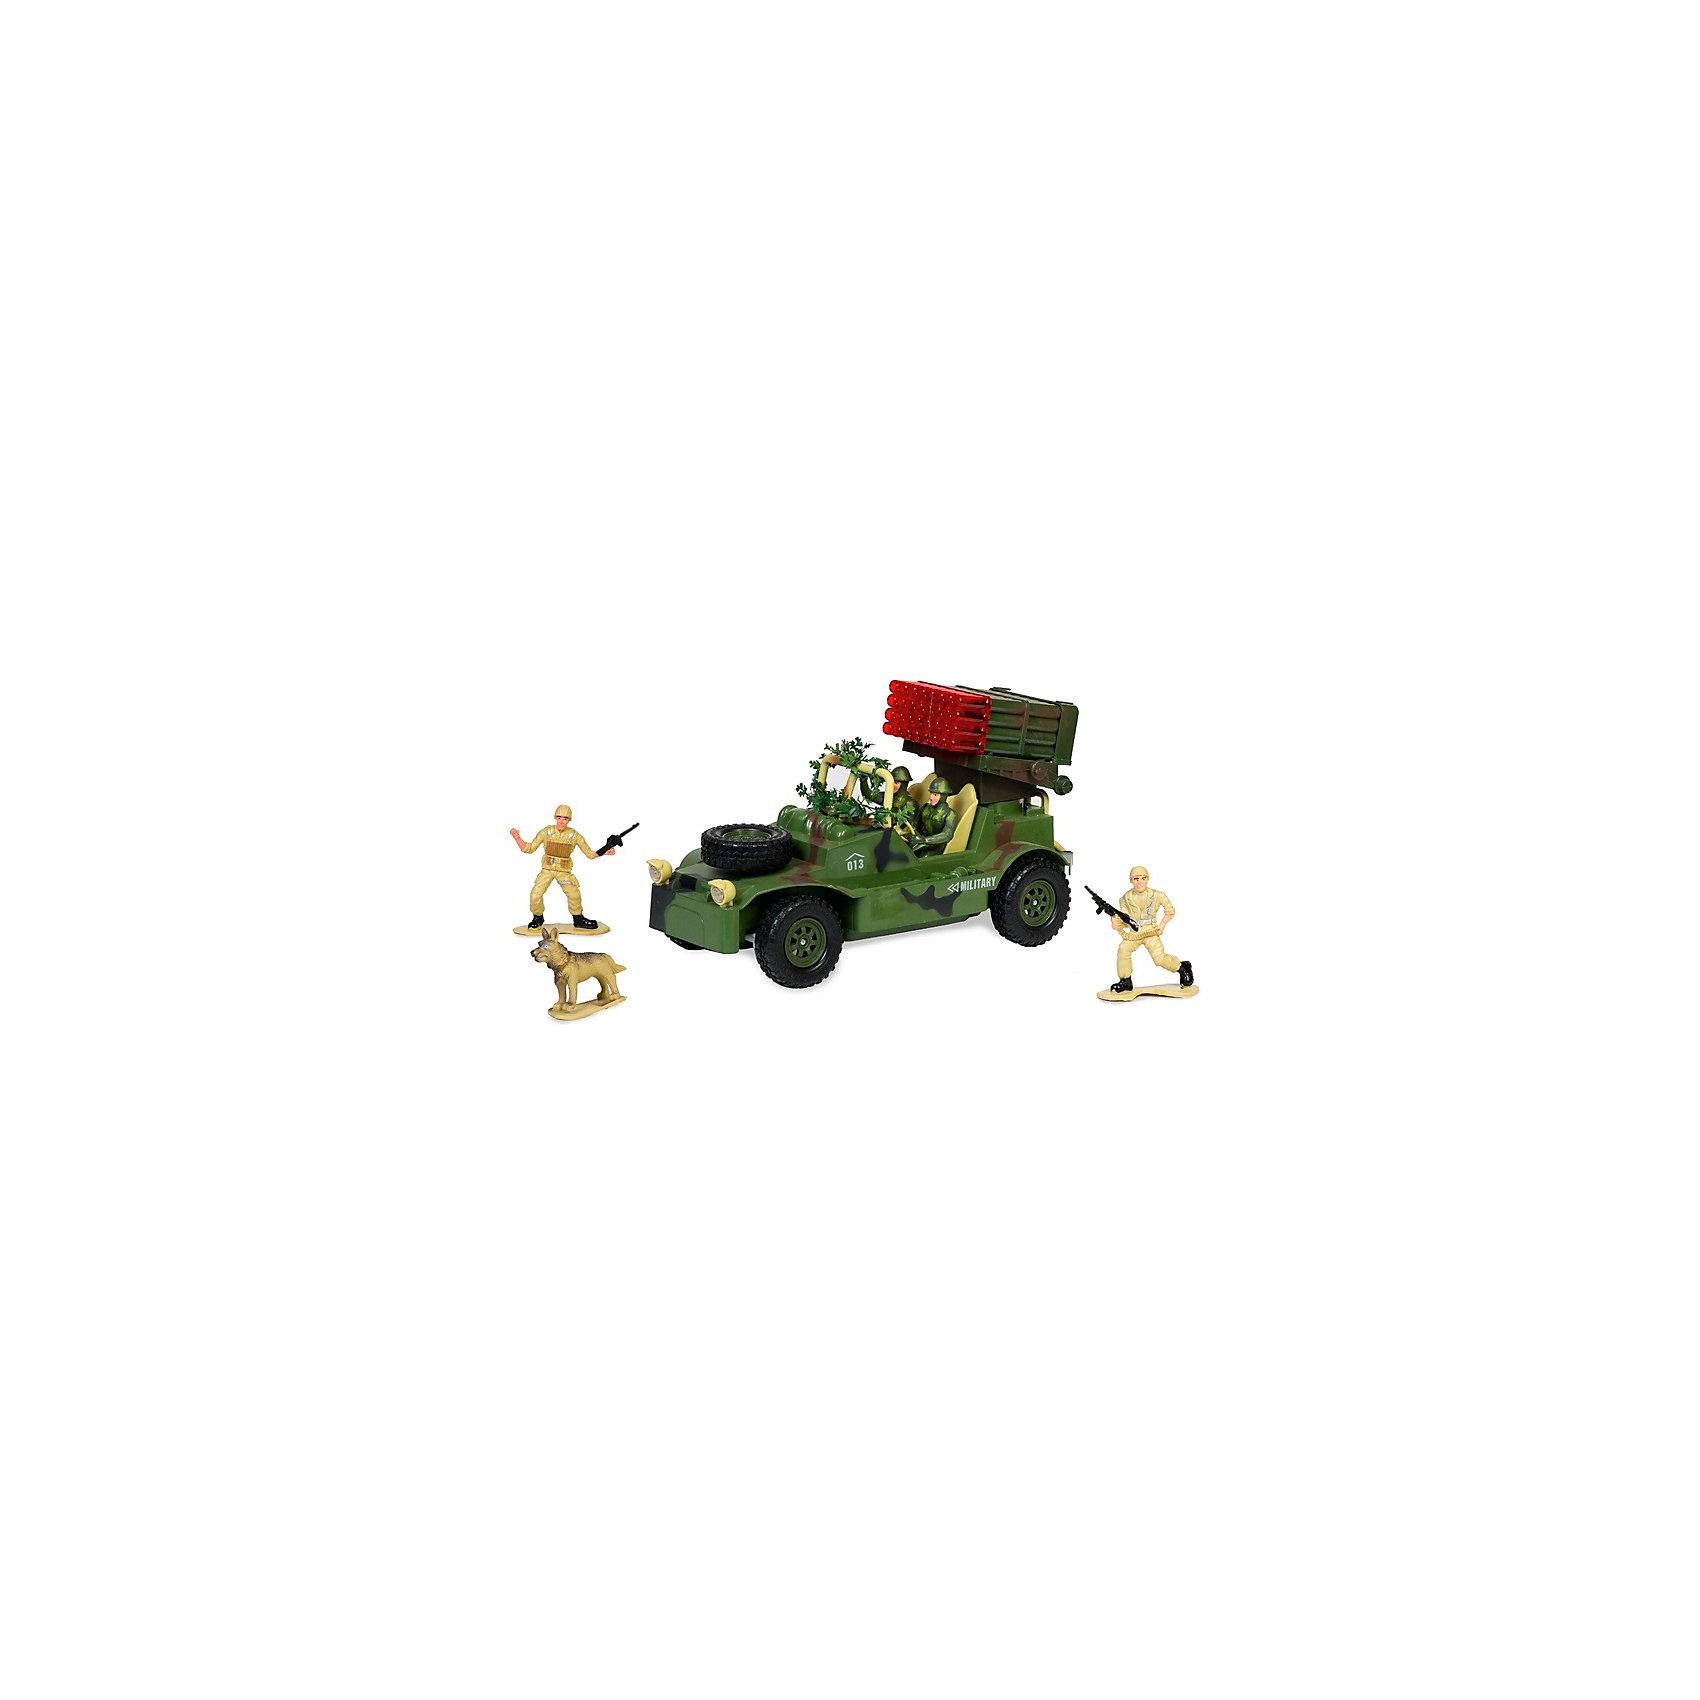 Военный джип с зенитной установкой, с фигурками, подветкой и звуком, на радиоуправлении, Mioshi ArmyВоенный транспорт<br>Военный джип на радиоуправлении, Mioshi Army, порадует всех юных любителей военной техники. Игрушка является уменьшенной точной копией настоящего военного джипа в масштабе 1:20, все детали тщательно проработаны. Автомобиль управляется с помощью пульта радиоуправления, двигается вперед/назад, влево/вправо, выполняет повороты. Зенитная установка поворачивается и может с лёгкостью выследить противника. Во время передвижения слышен реалистичный звук работающего двигателя. Имеются световые эффекты. Игрушка выполнена из качественного и прочного материала, упакована в яркую подарочную коробку. Высокое качество и надежность обеспечивают автомобилю Mioshi Army долгий срок эксплуатации. В комплект также входят фигурки двух солдат и собаки, которые сделают игру еще интересней и реалистичнее.<br><br>Дополнительная информация:<br><br>- В комплекте: джип, пульт дистанционного управления, фигурки (2 солдата и собака), инструкция. <br>- Пульт работает от батареек типа АА (входят в комплект).<br>- Частота: 27 Мгц.<br>- Материал: пластик.<br>- Размер джипа: 30 см.<br>- Размер упаковки: 43,5 х 17 х 25 см.<br>- Вес: 0,472 кг.<br><br>Военный джип с зенитной установкой, с фигурками, подсветкой и звуком, на радиоуправлении, Mioshi Army, можно купить в нашем интернет-магазине.<br><br>Ширина мм: 435<br>Глубина мм: 170<br>Высота мм: 250<br>Вес г: 1628<br>Возраст от месяцев: 36<br>Возраст до месяцев: 72<br>Пол: Мужской<br>Возраст: Детский<br>SKU: 4540564